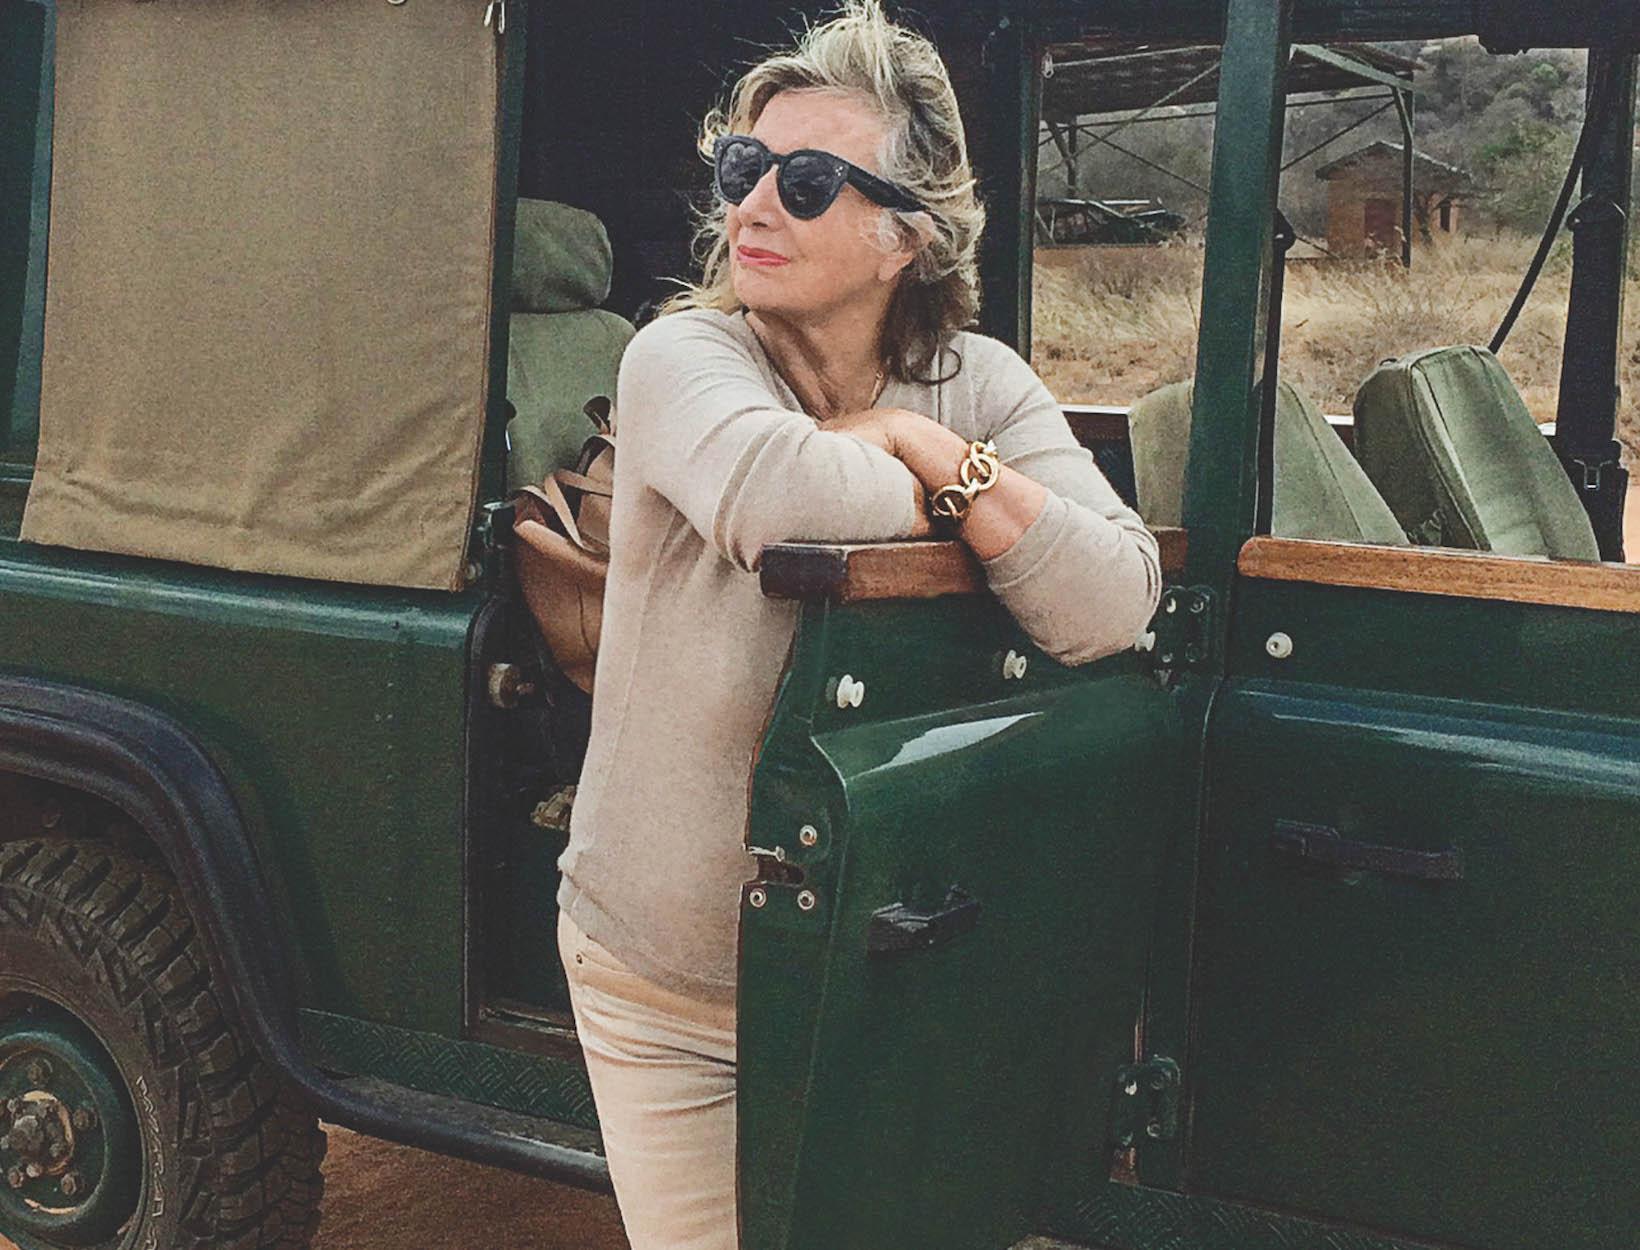 Chantecaille in car